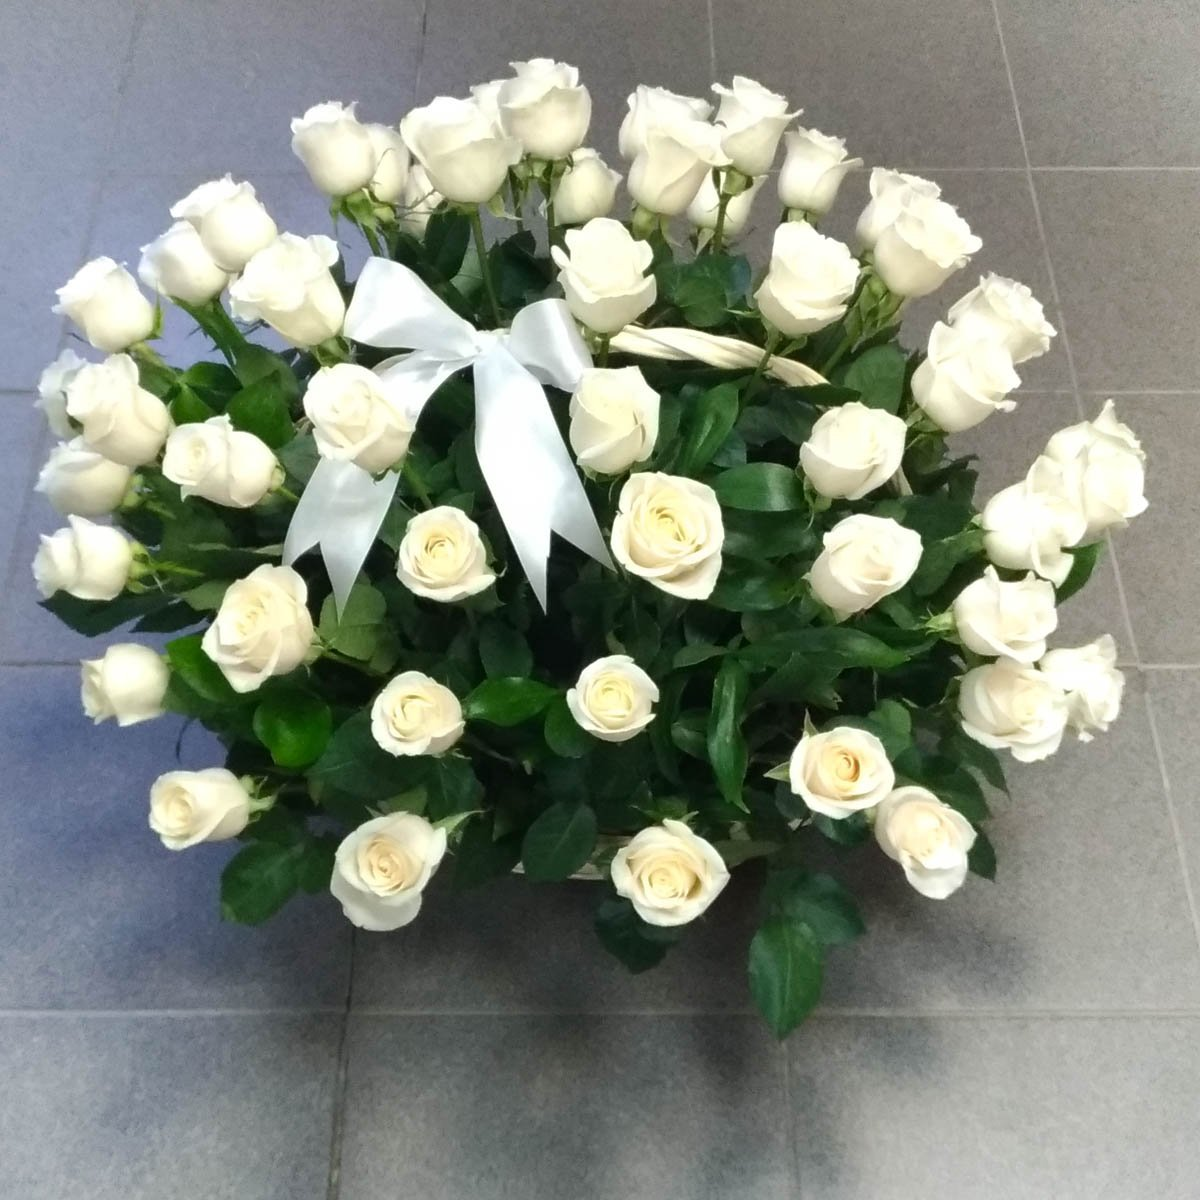 еще картинки большой букет белых роз доброе утро самых